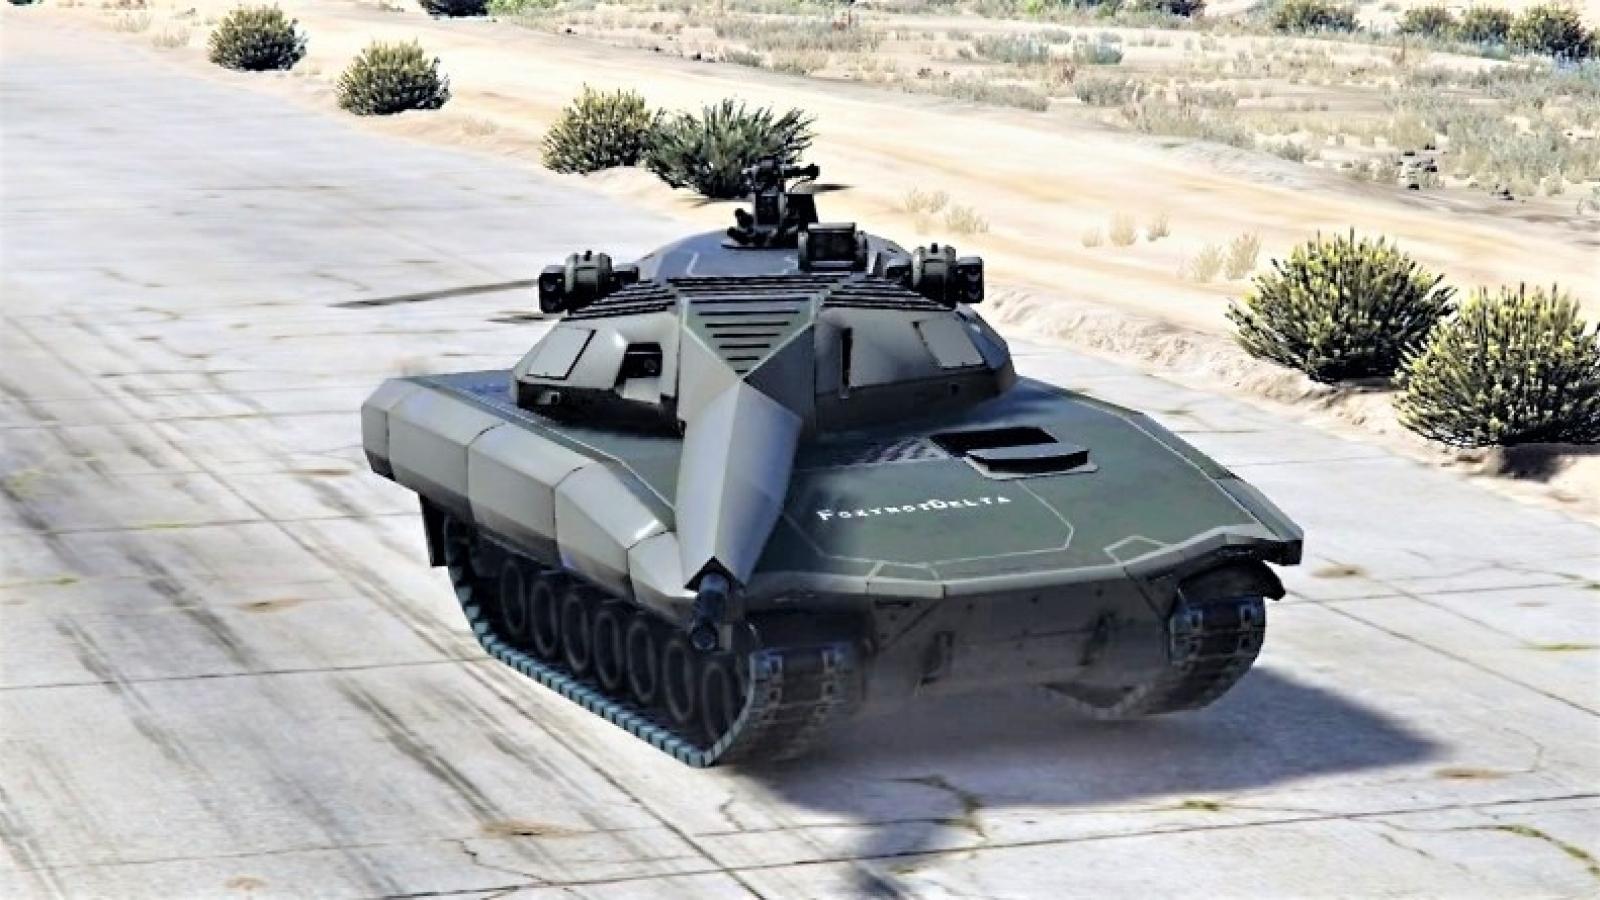 Xe tăng chạy điện - viễn tưởng hay thực tế?